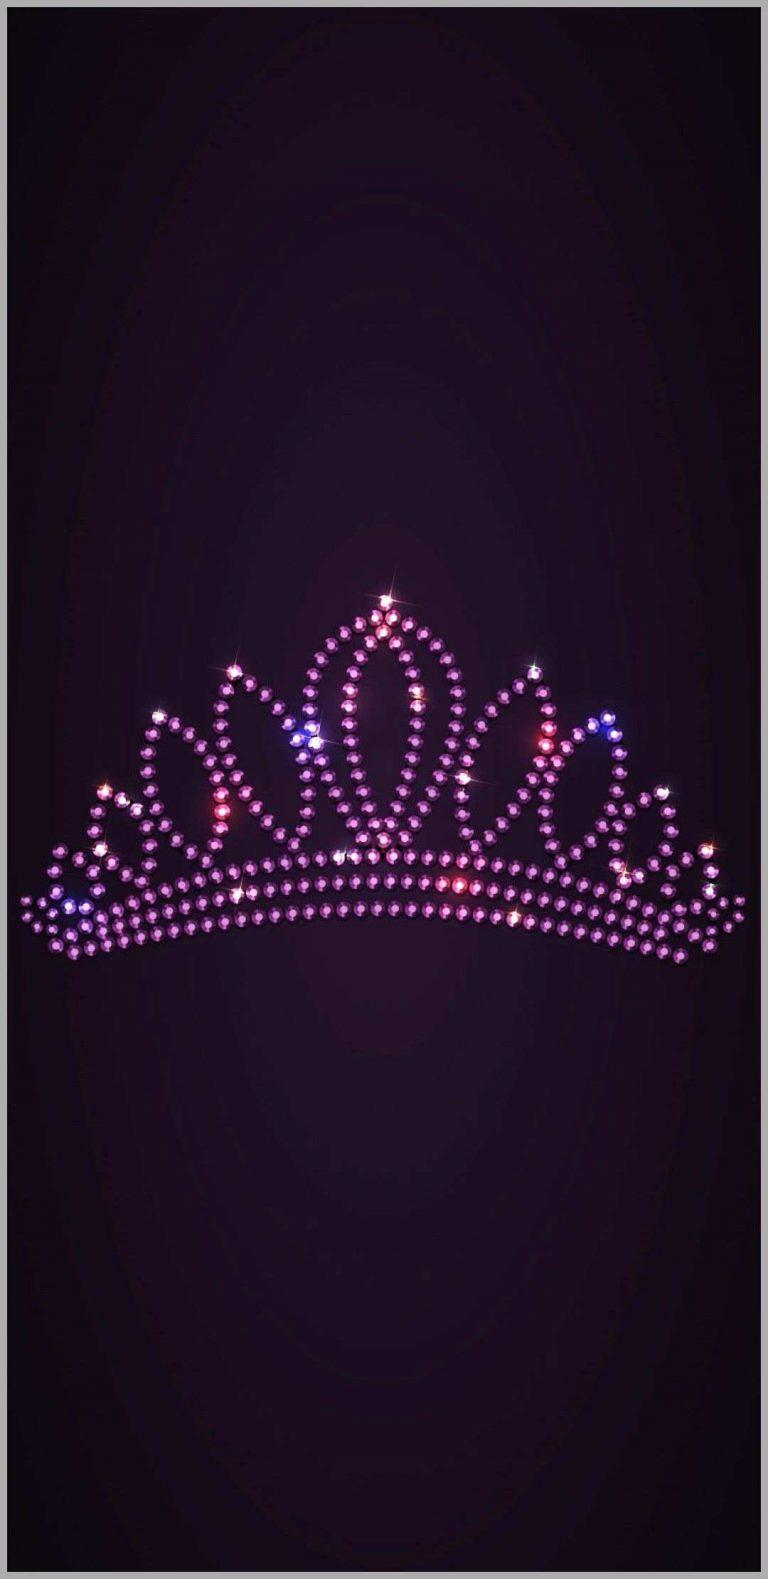 queen wallpaper 06   1080x2220 pixel   WallpaperPass 768x1579